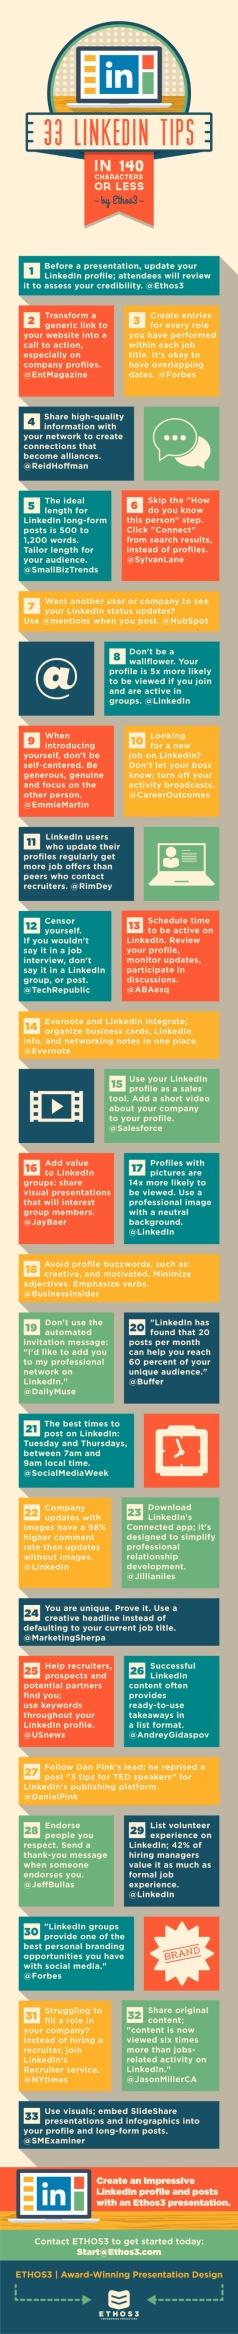 Tips voor LinkedIn gebruik